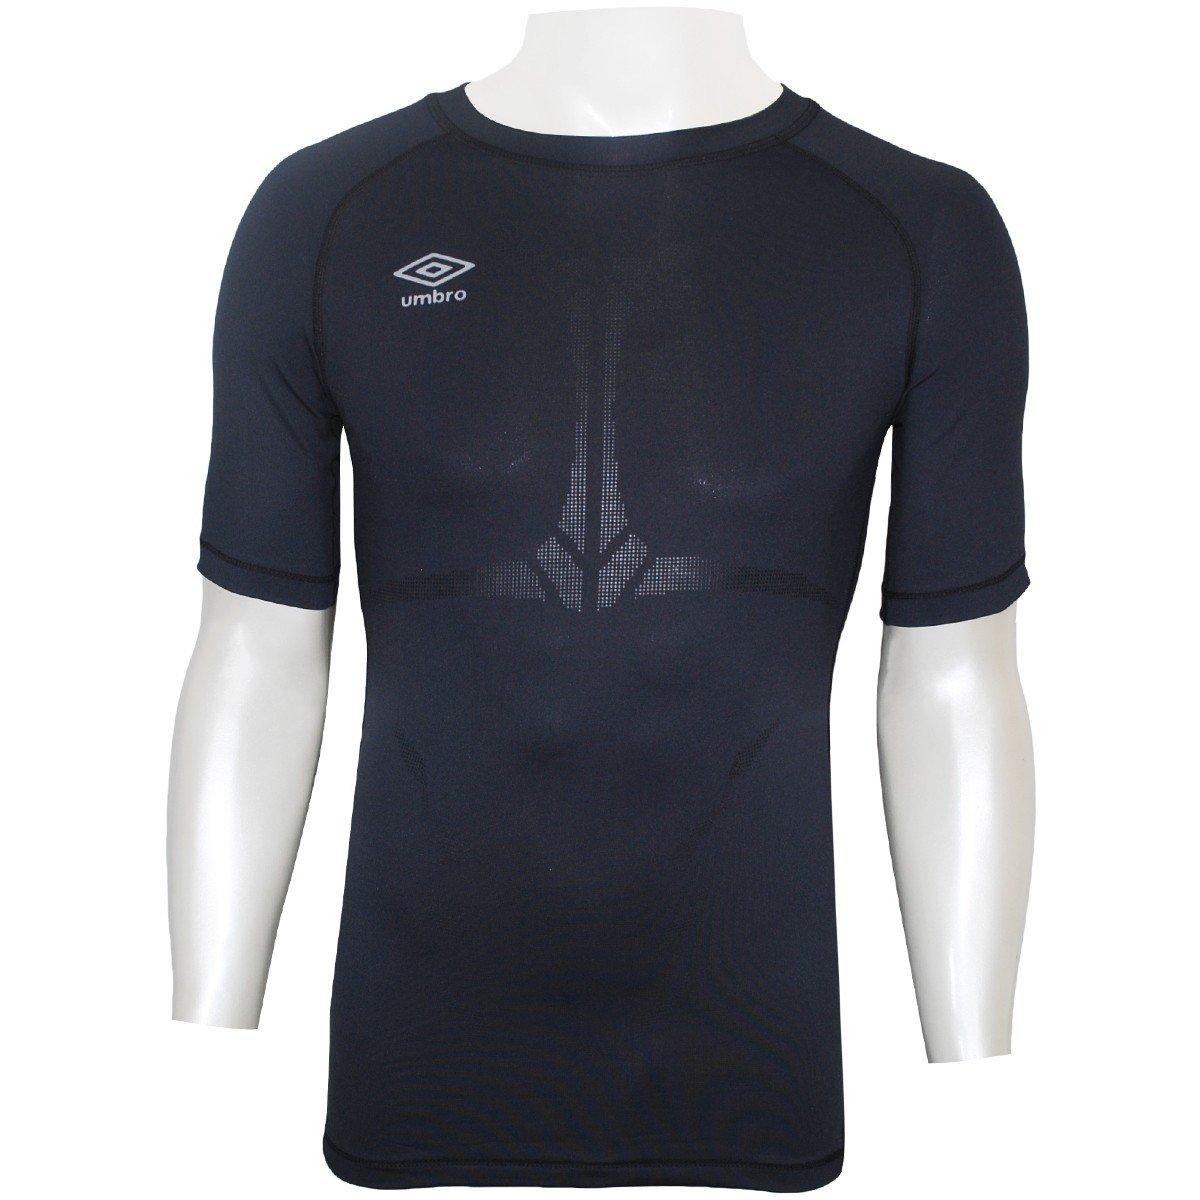 9e3f5e8081677 Camiseta Umbro Termica Graphic - Compre Agora